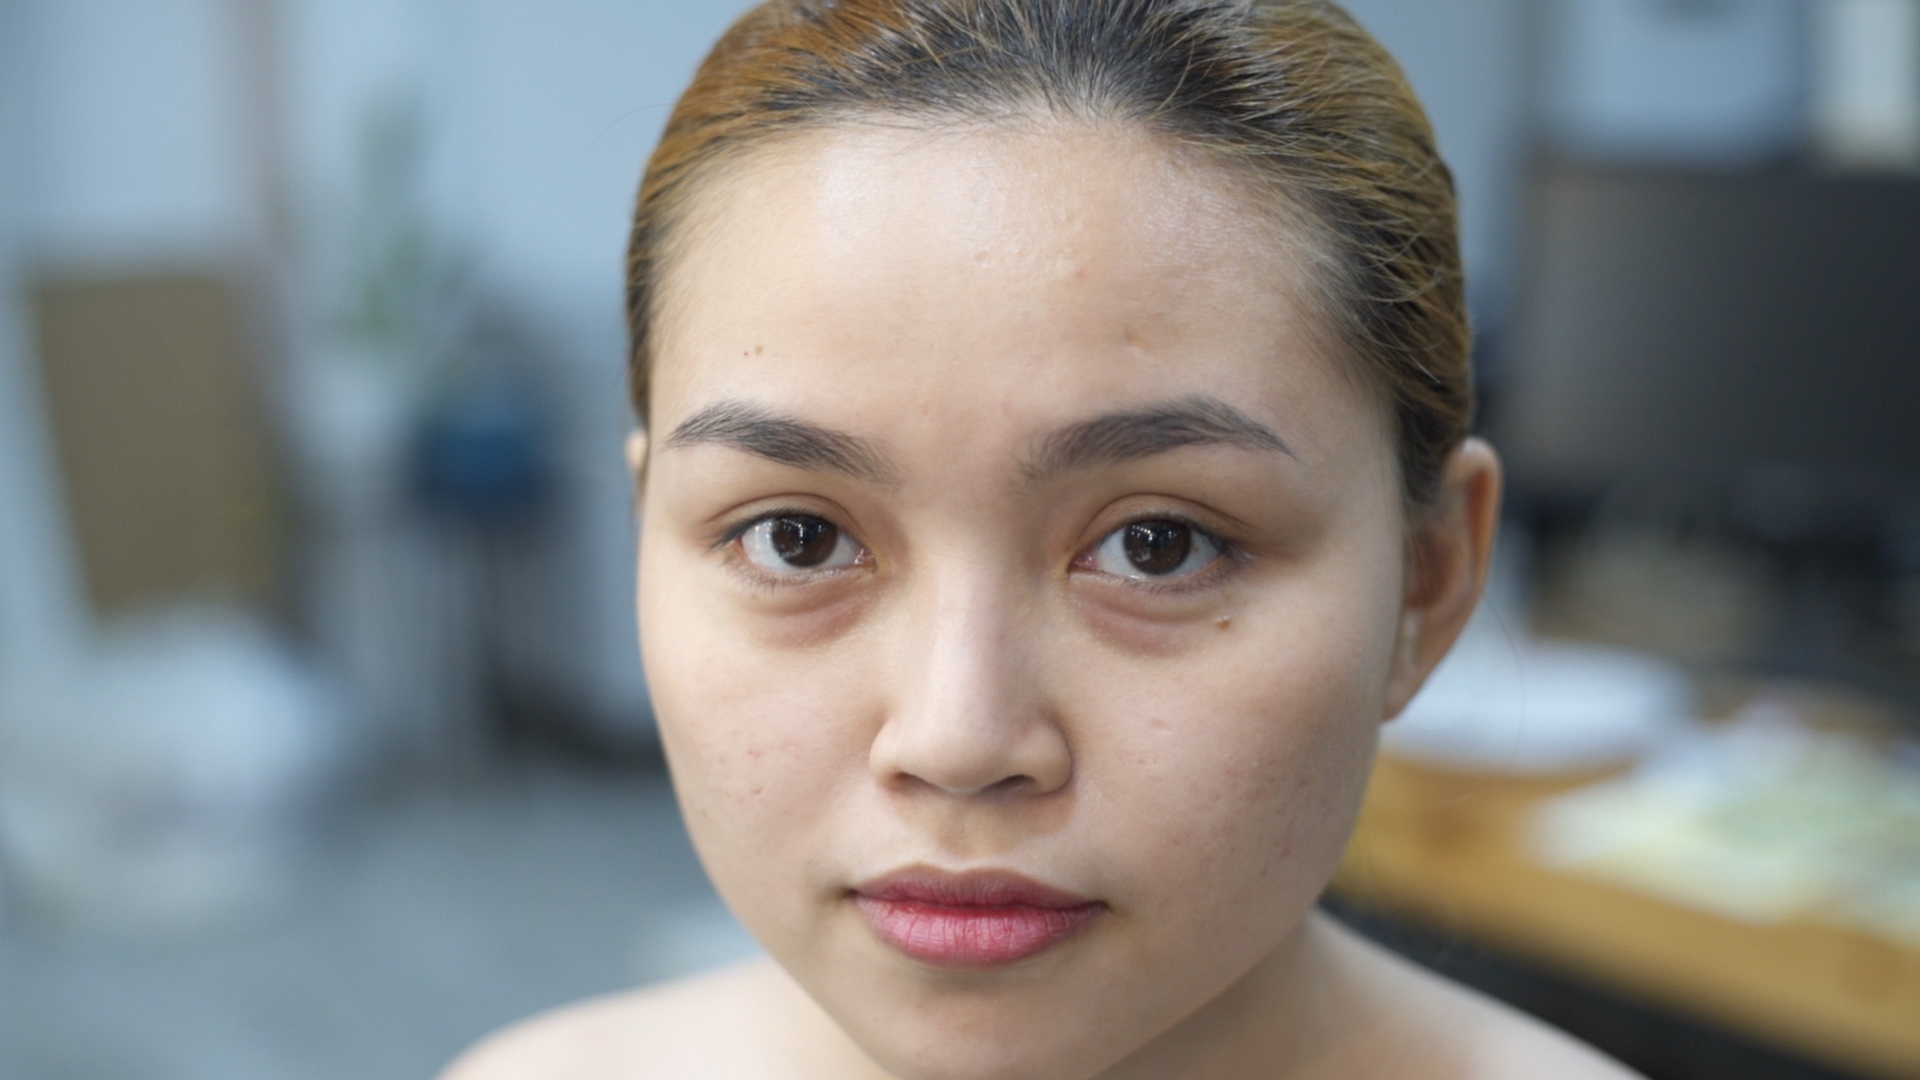 Nguyễn Trang Thiên Anh